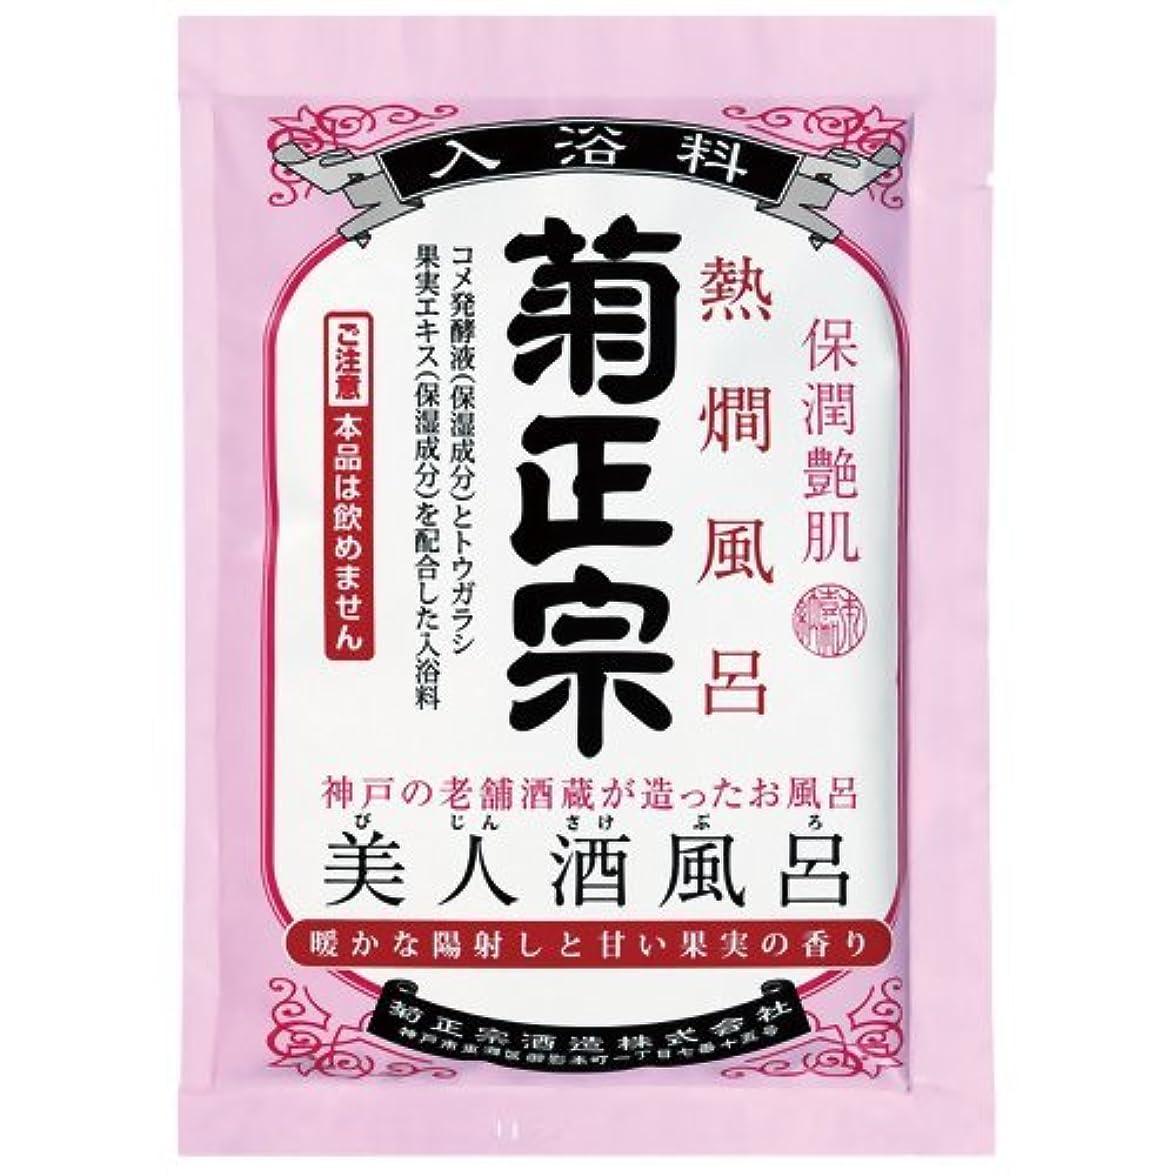 血まみれランプアシスタント菊正宗 美人酒風呂 熱燗風呂